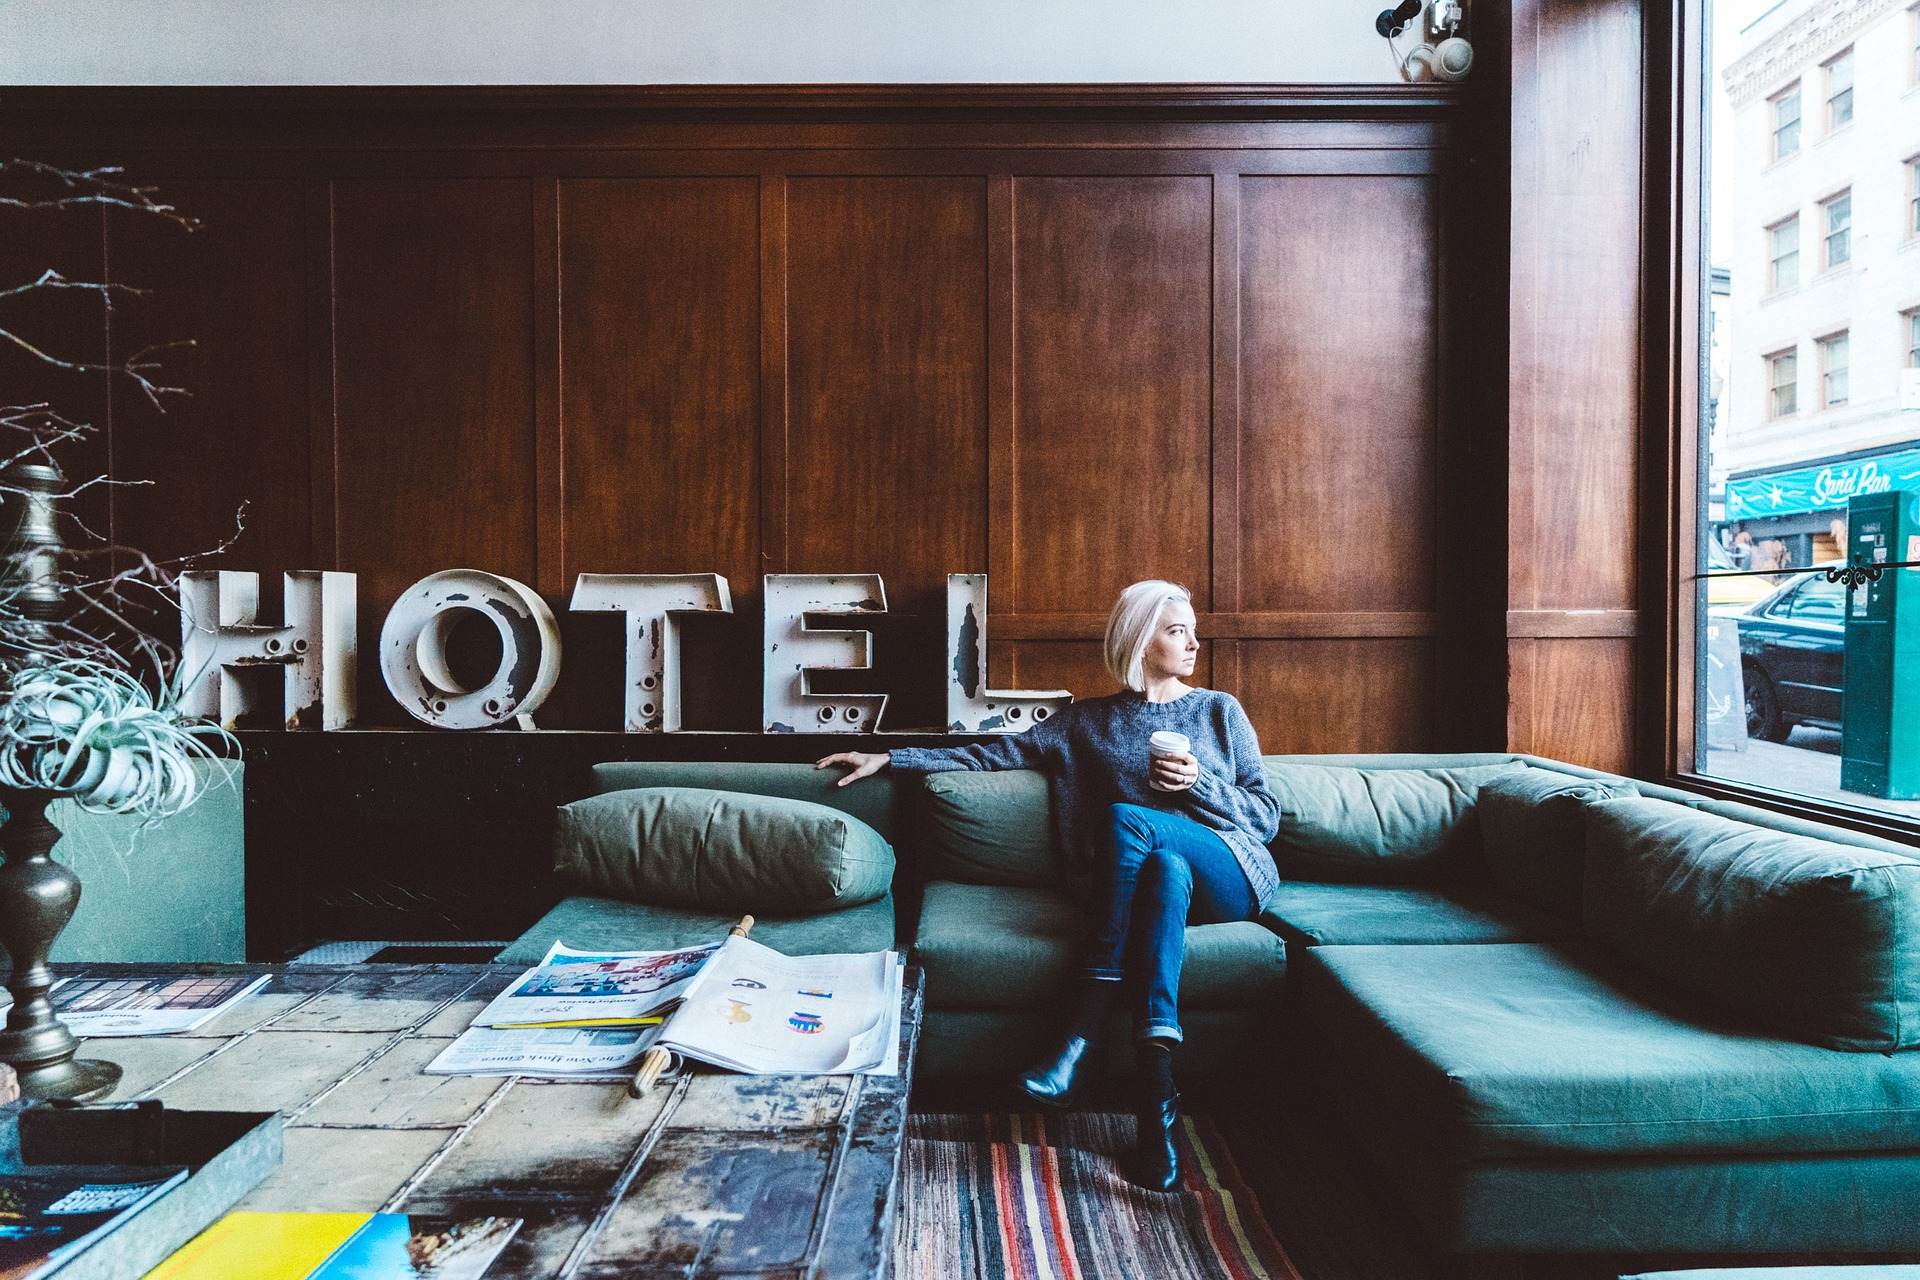 Hôtels bien construire son site internet